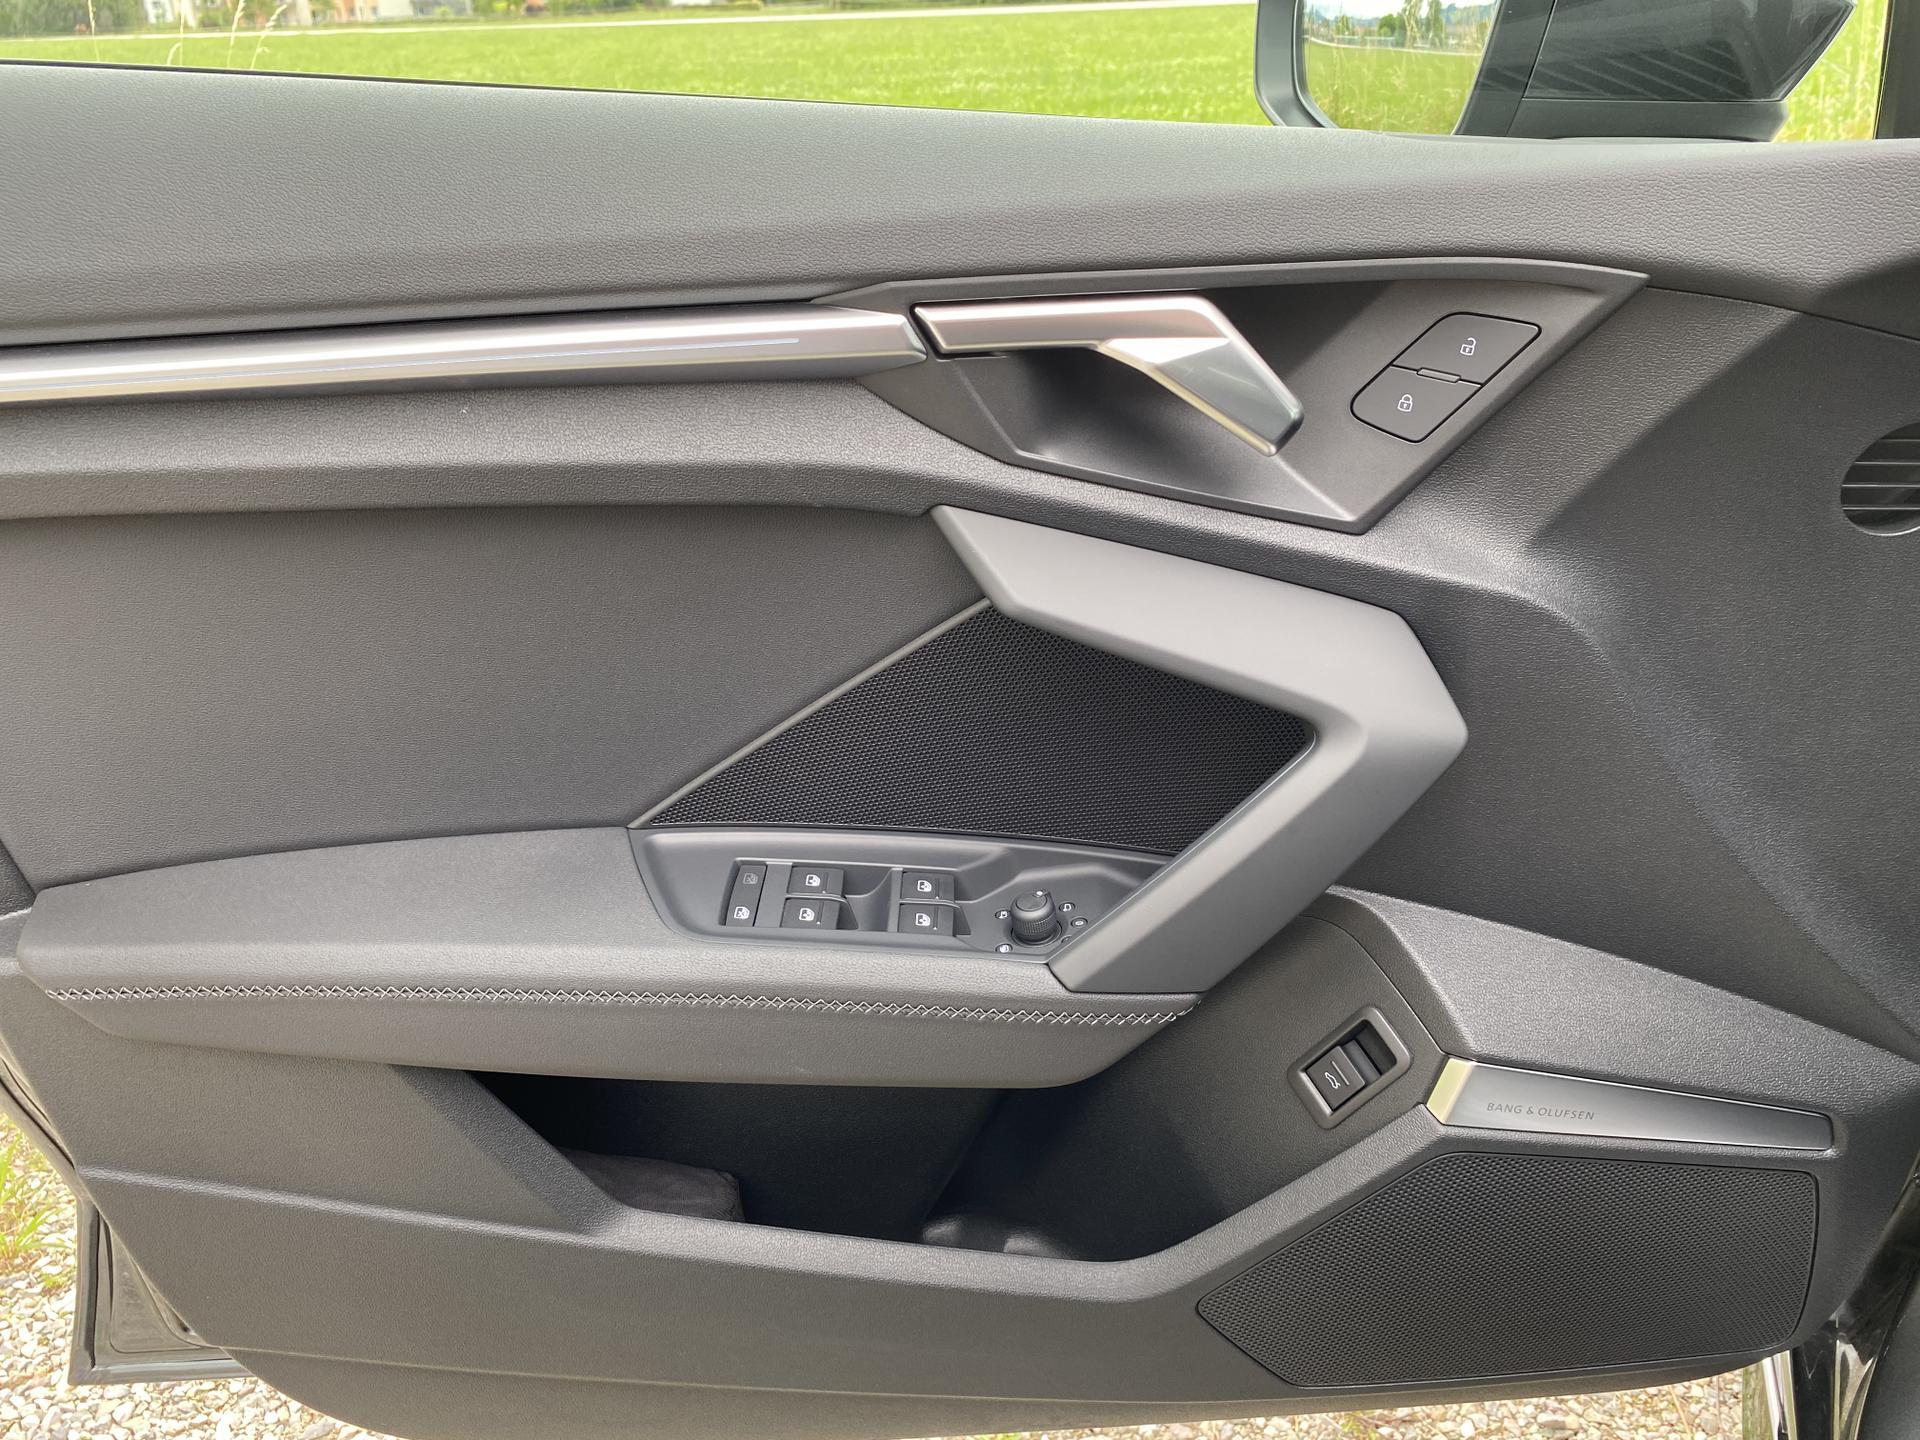 Audi A3 Fahrertür